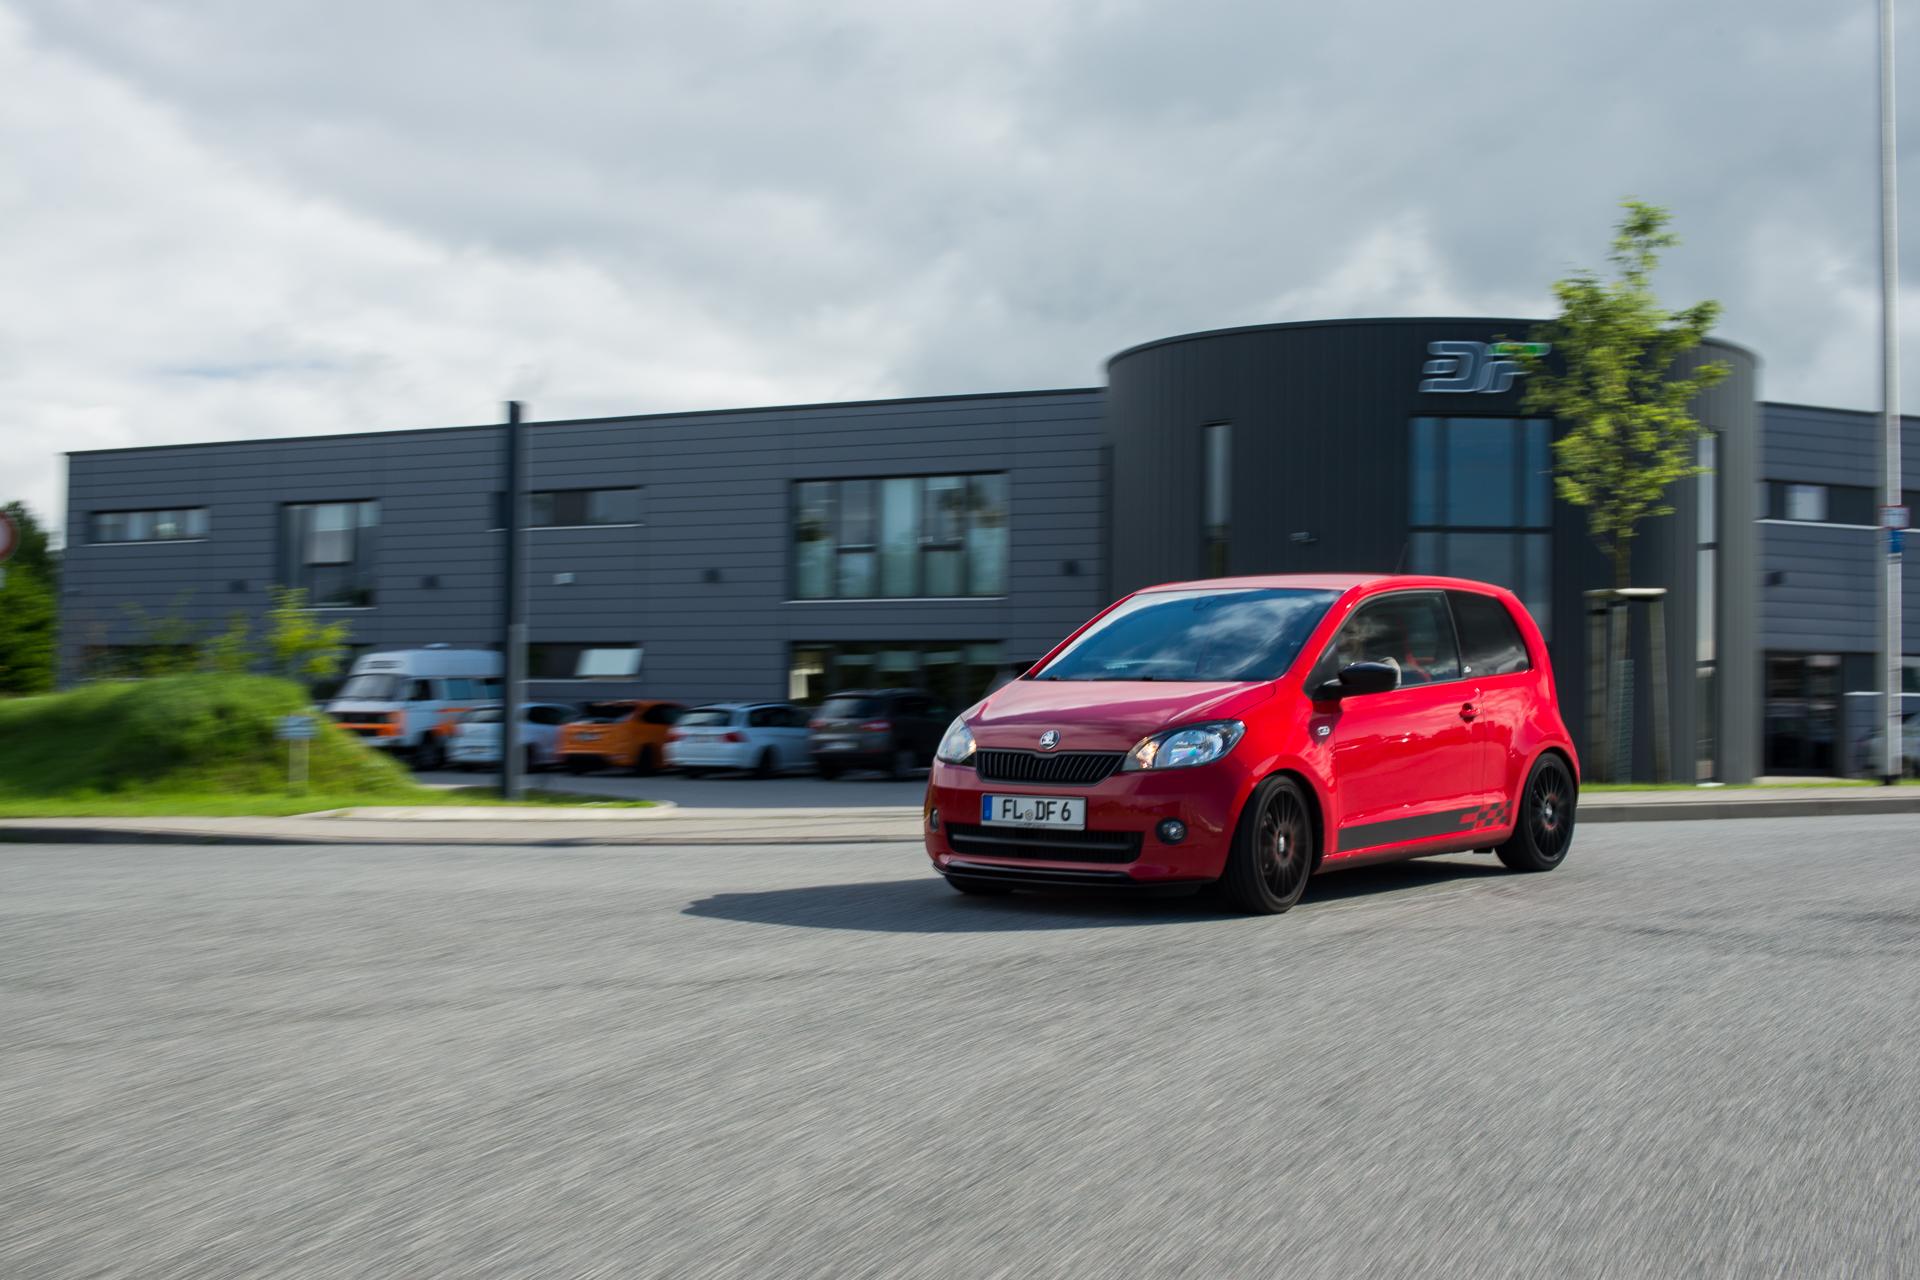 Skoda Citigo Tuning: So schnell wird dein Auto zum Rallyewagen. OZ Superturismo GT Felgen und KW Gewindefahrwerk Variante 1 sorgen für den extra sportlichen Look.